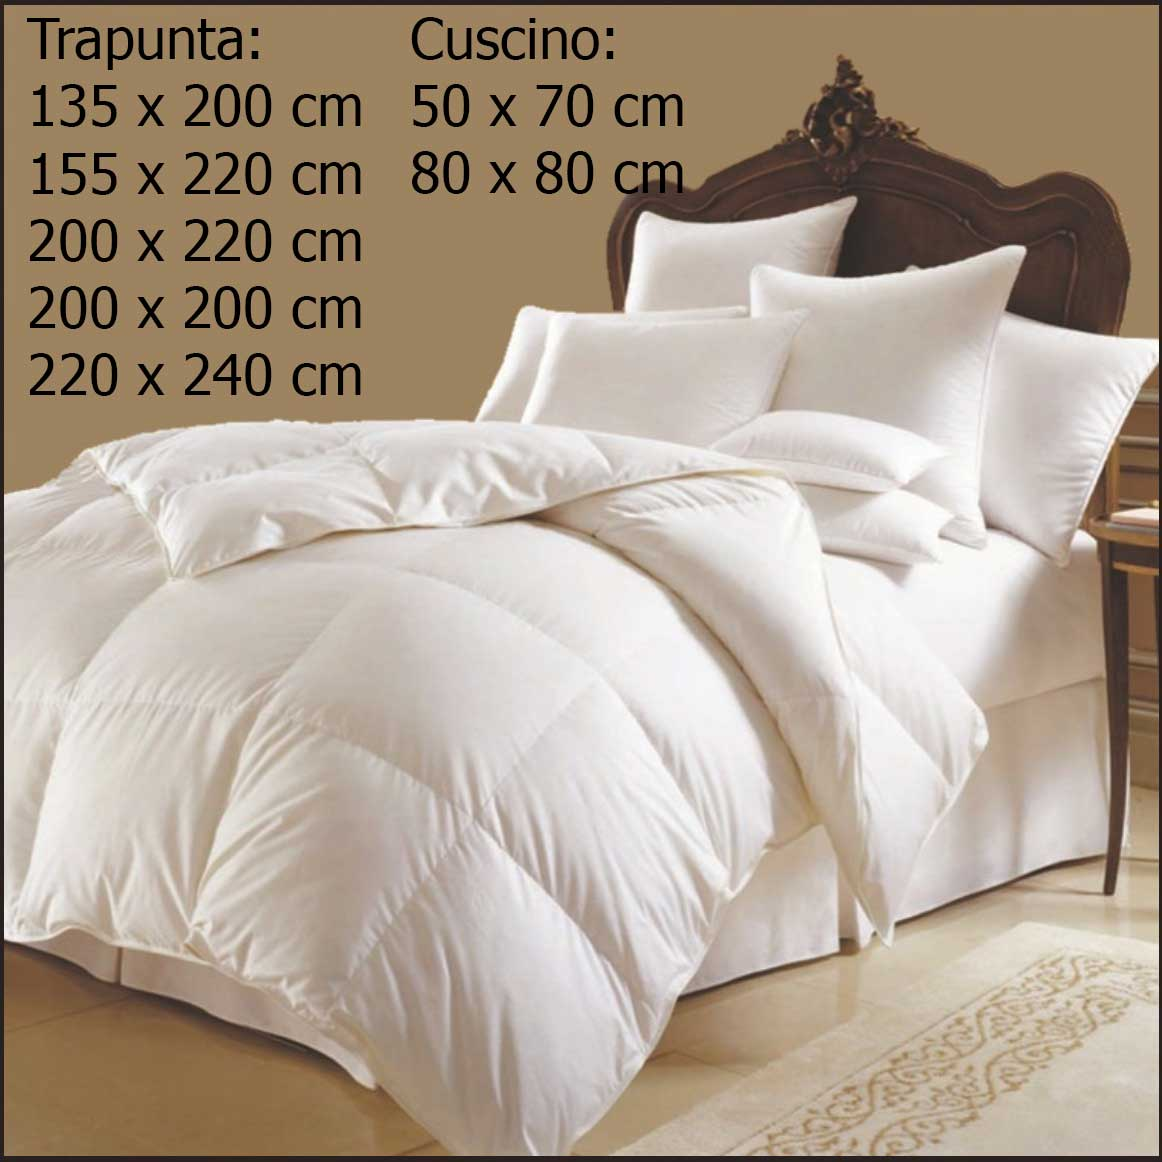 Lusso piumino per letto cuscino cotone matrimoniale - Piumoni per letto matrimoniale ...